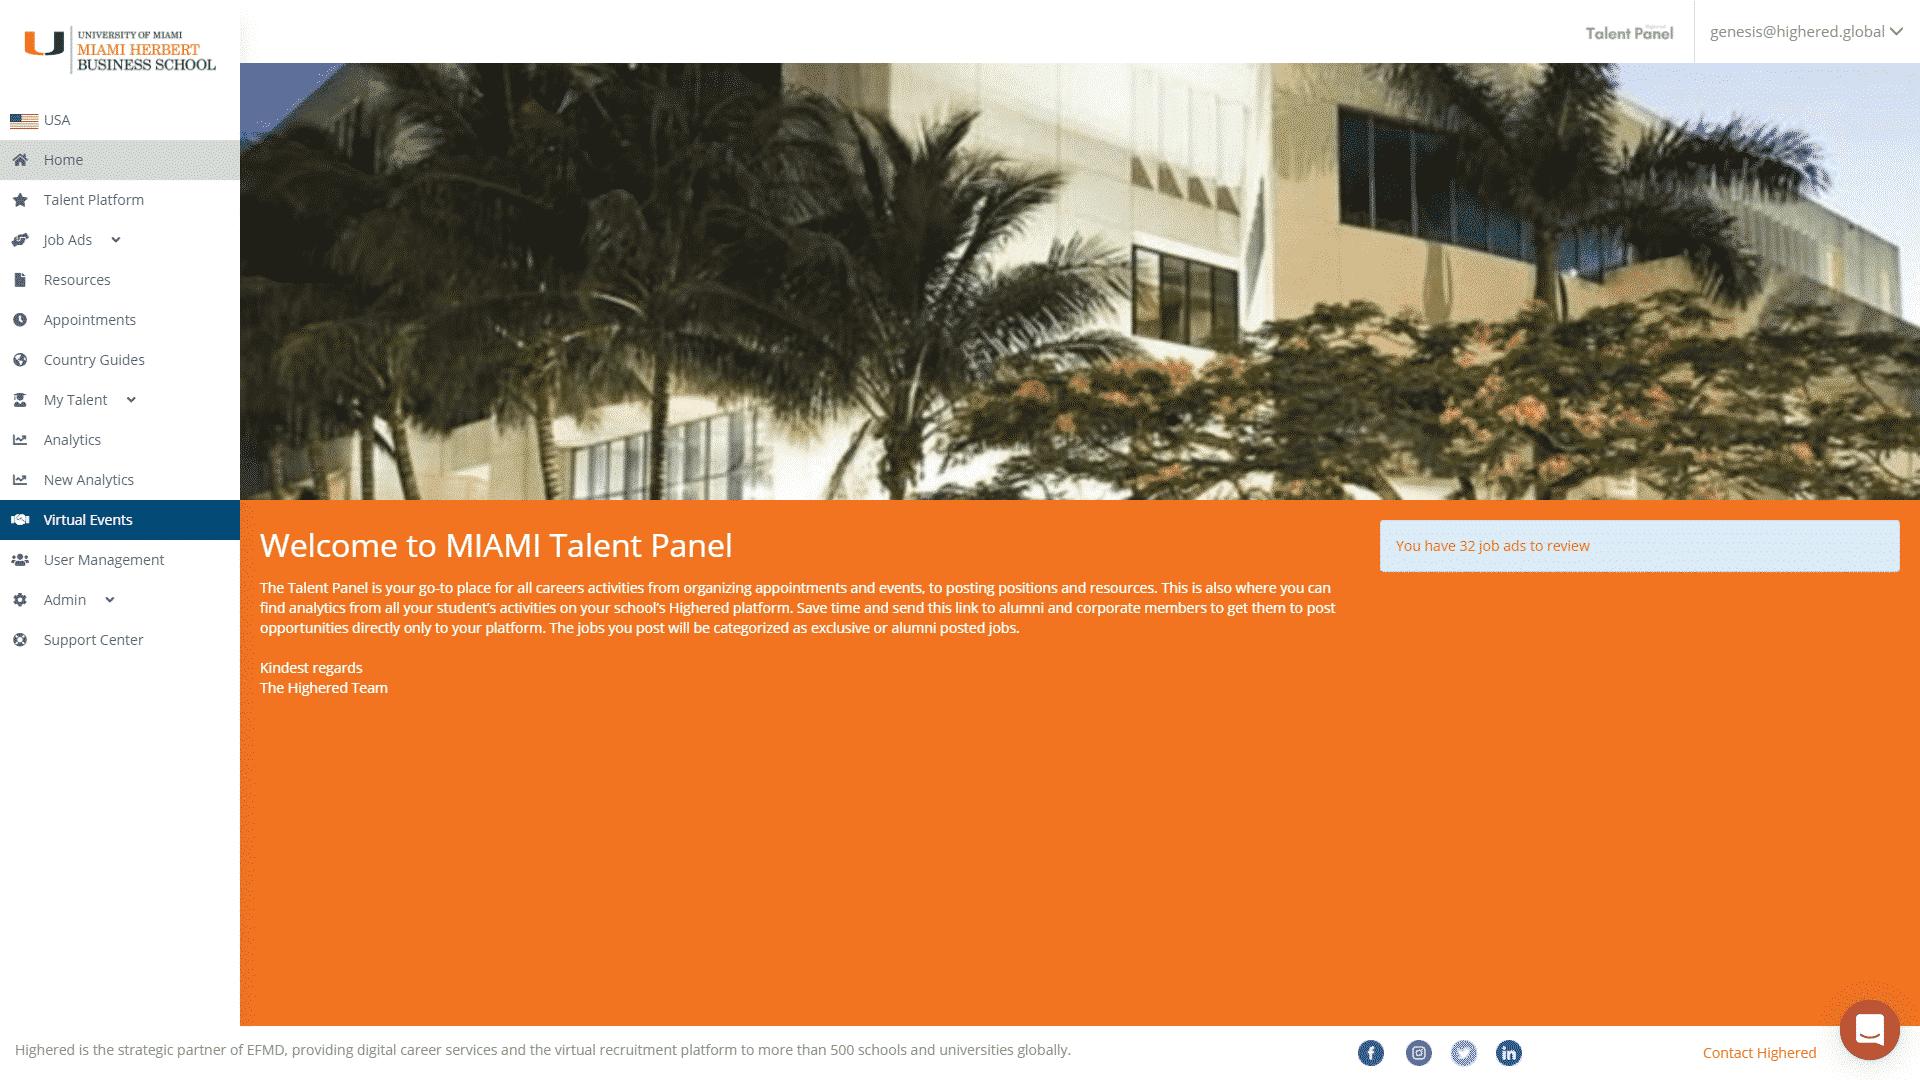 Miami TP